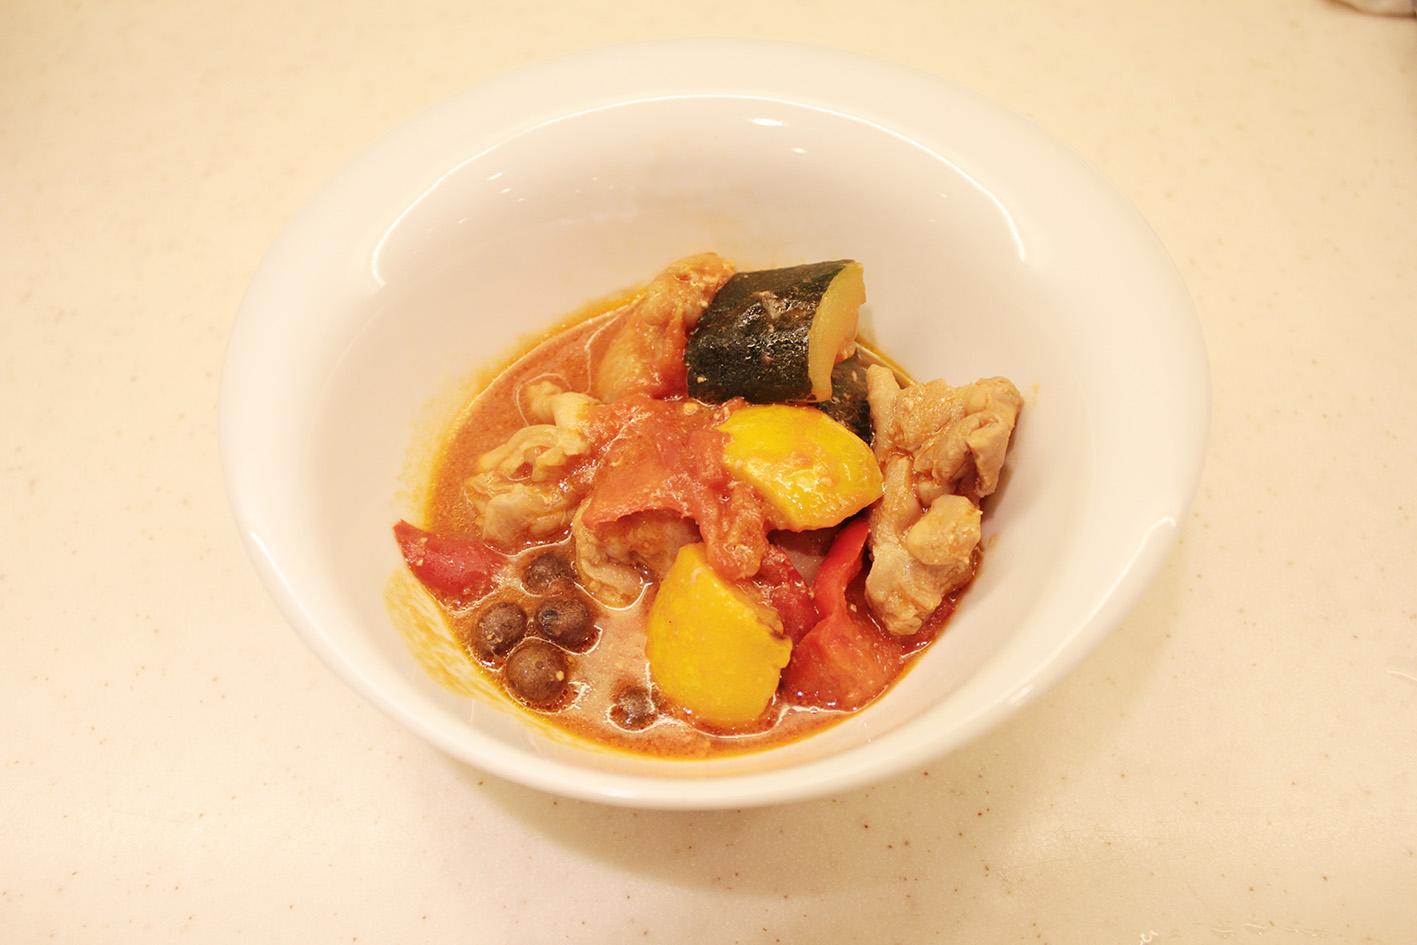 004むかごと鶏肉の味噌トマト煮込み